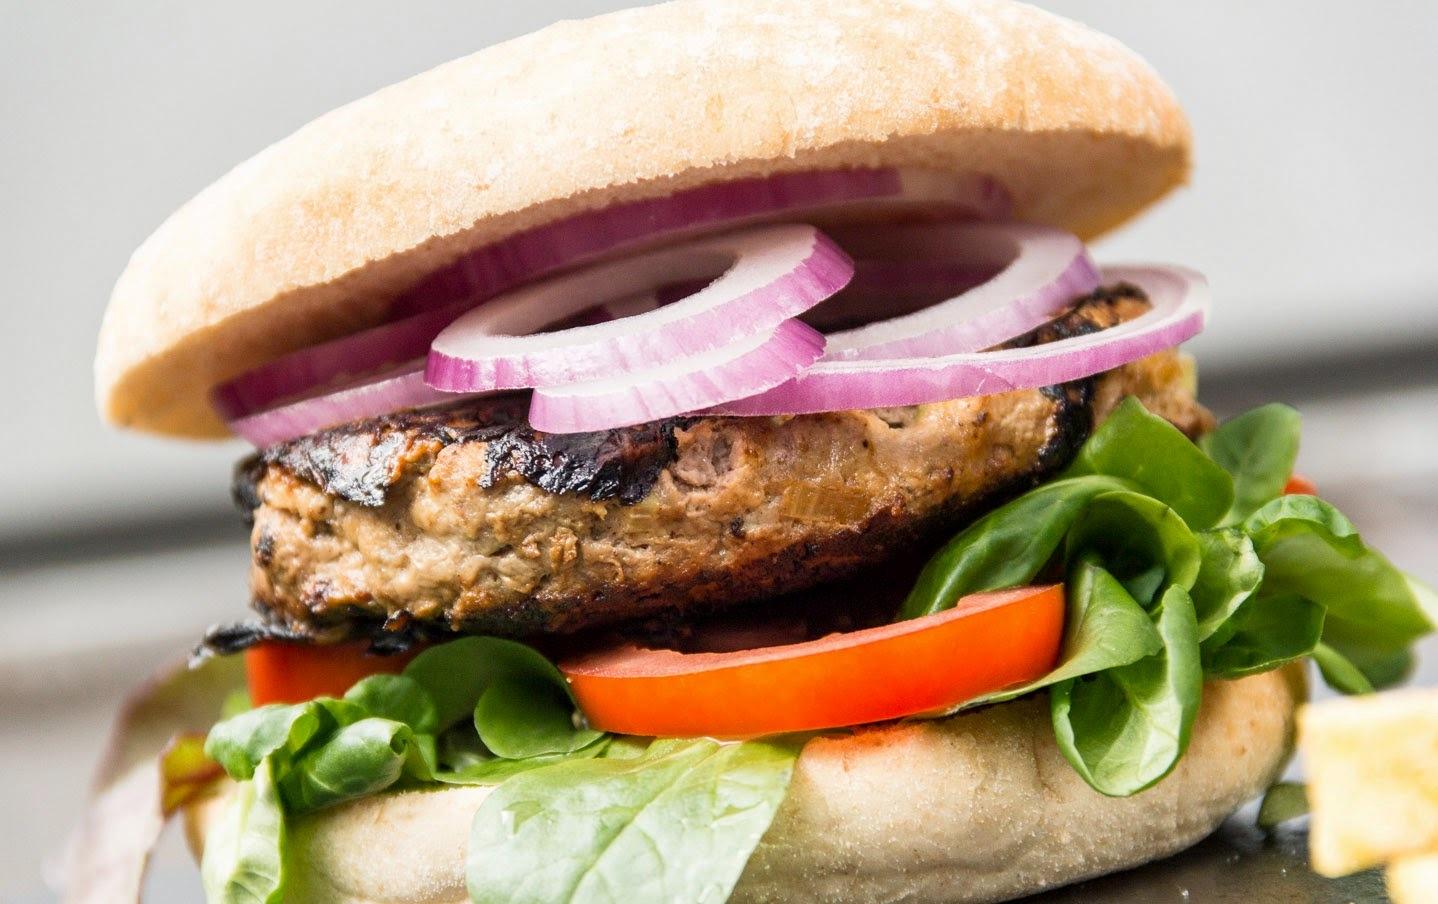 как приготовить котлету для гамбургера в домашних условиях рецепт